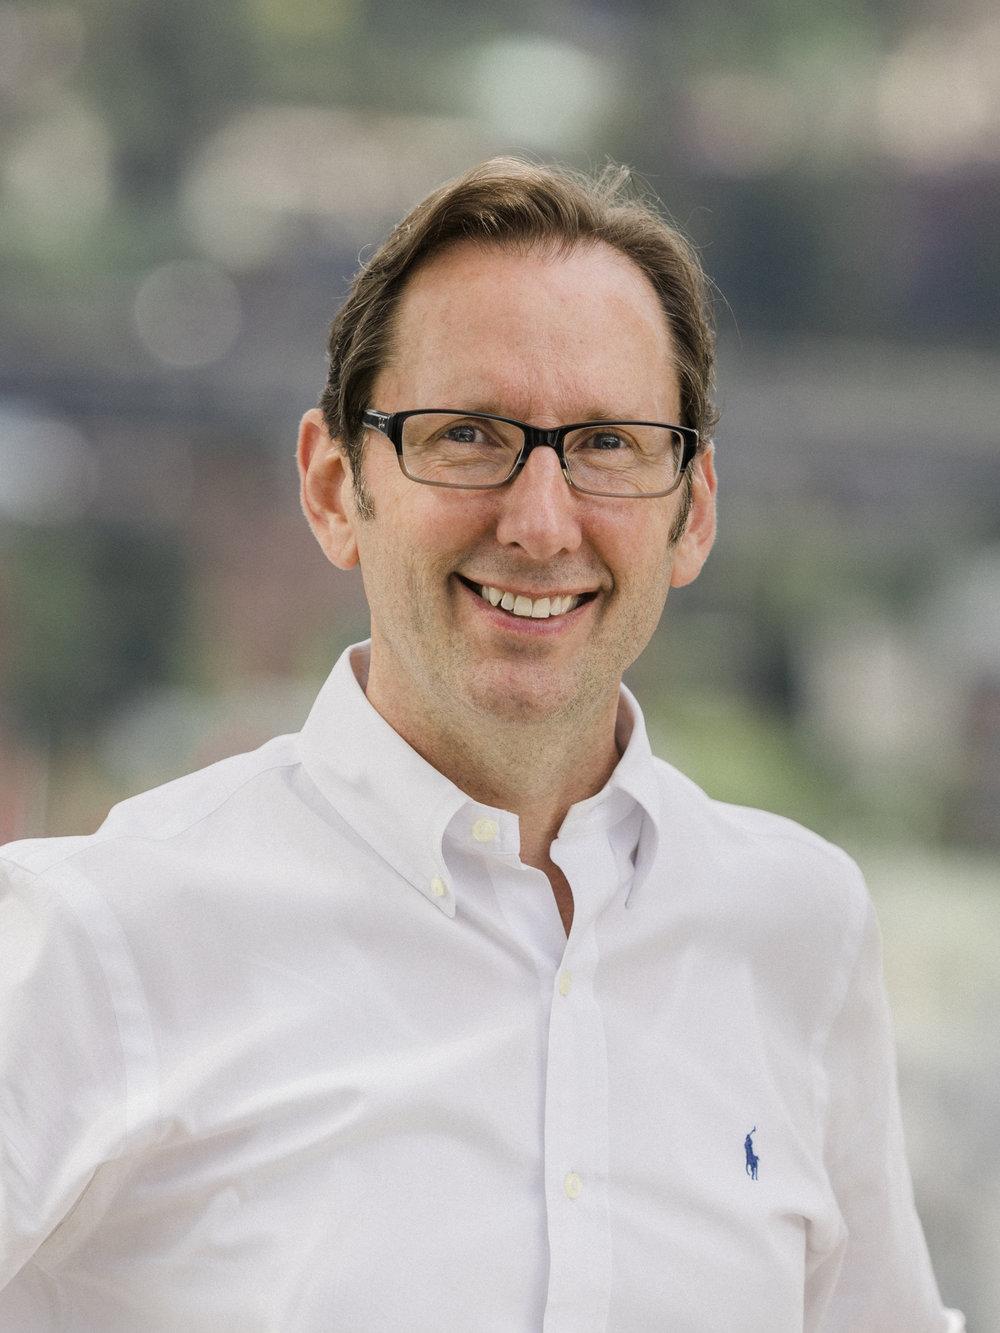 Jon Elliott, Managing Partner